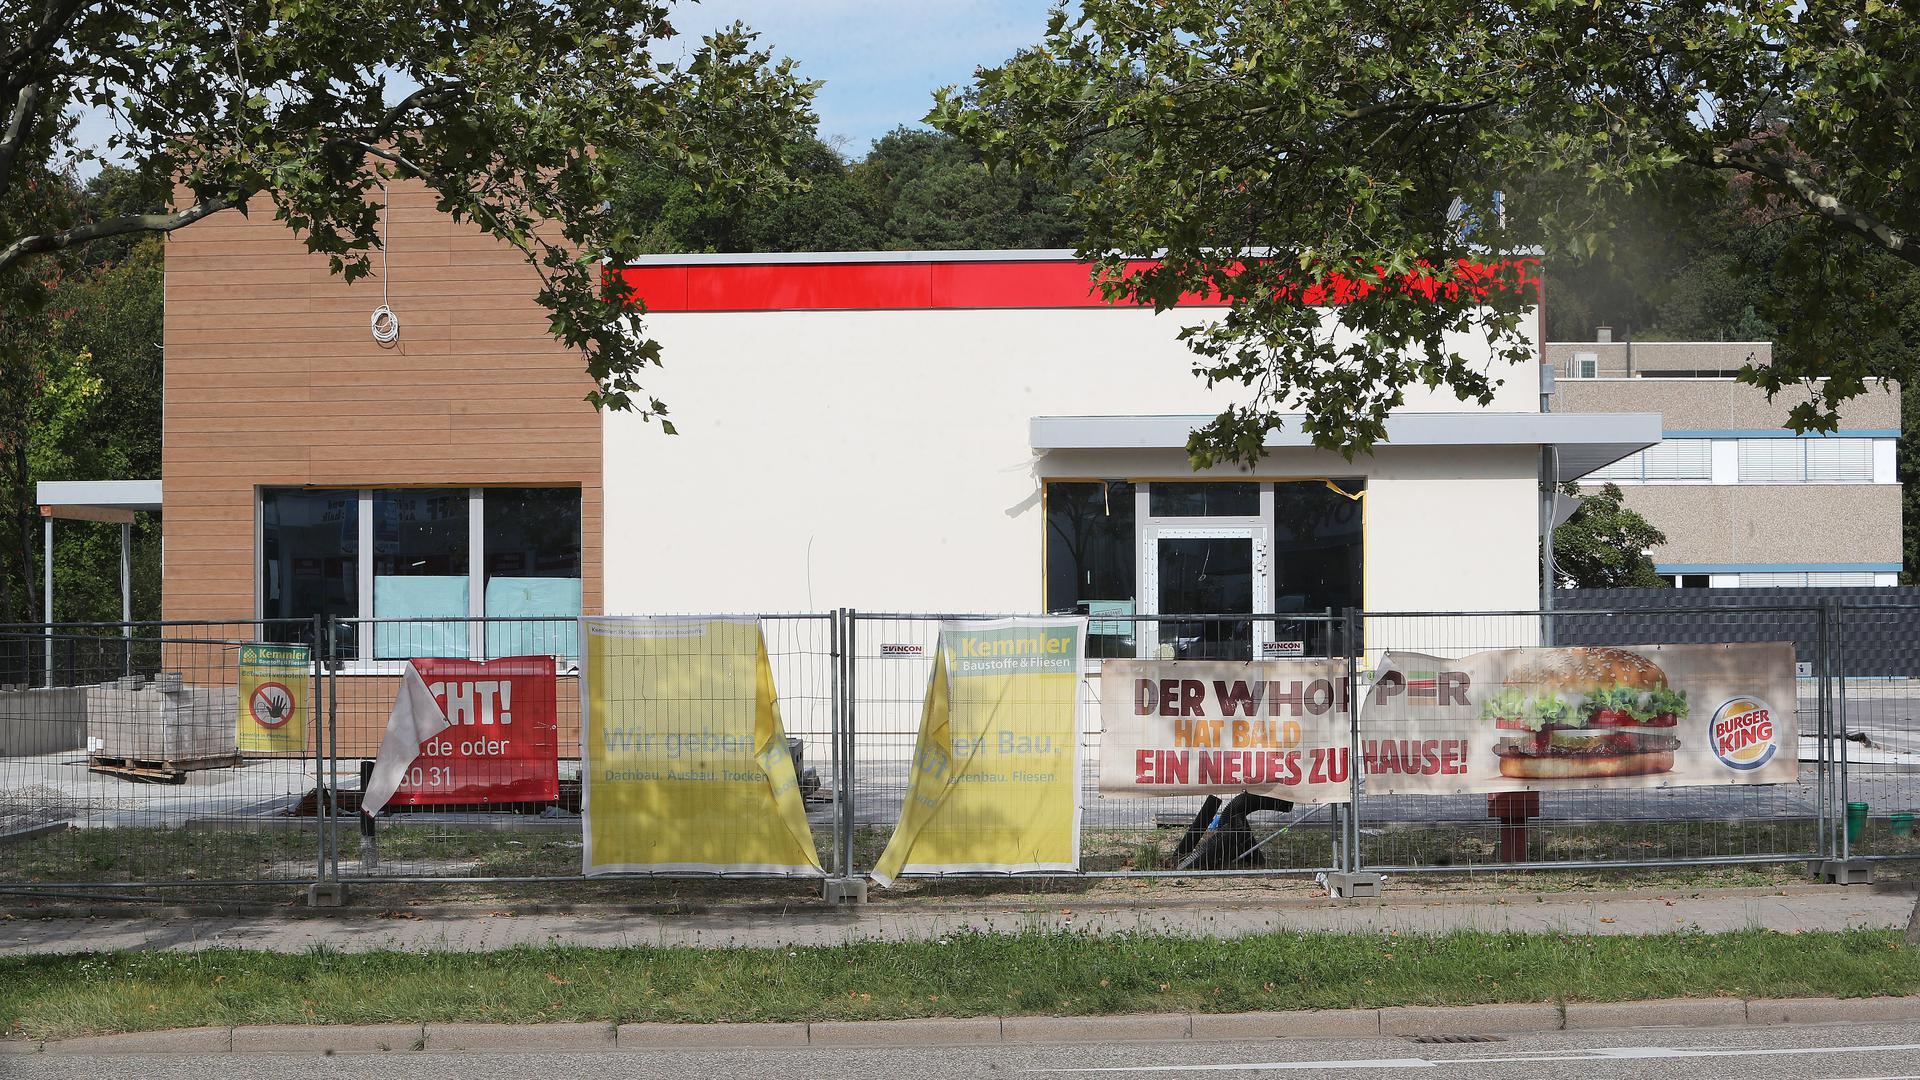 Neuer Burger King Wilferdinger Höhe_Karlsruher Straße_noch nicht geöffnet016